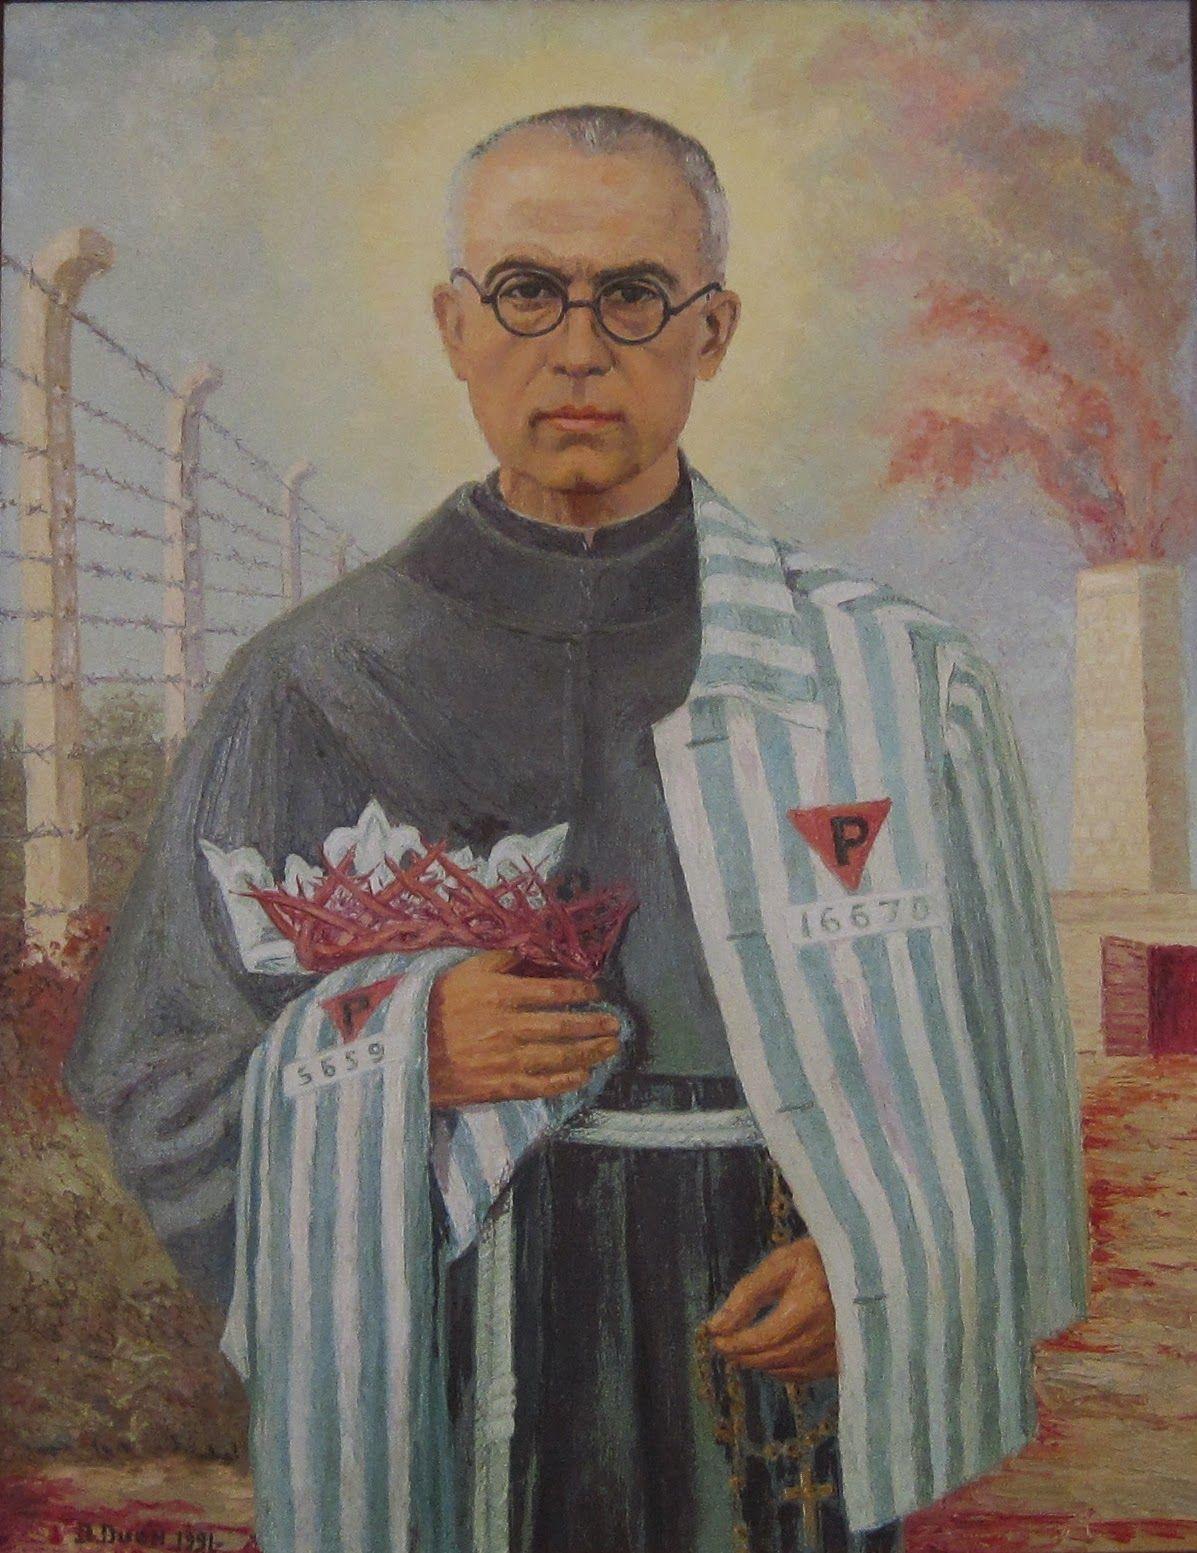 Vie de Saint Maximilien-Marie Kolbe - Grande admiration pour ce saint  prêtre - Émouvant !